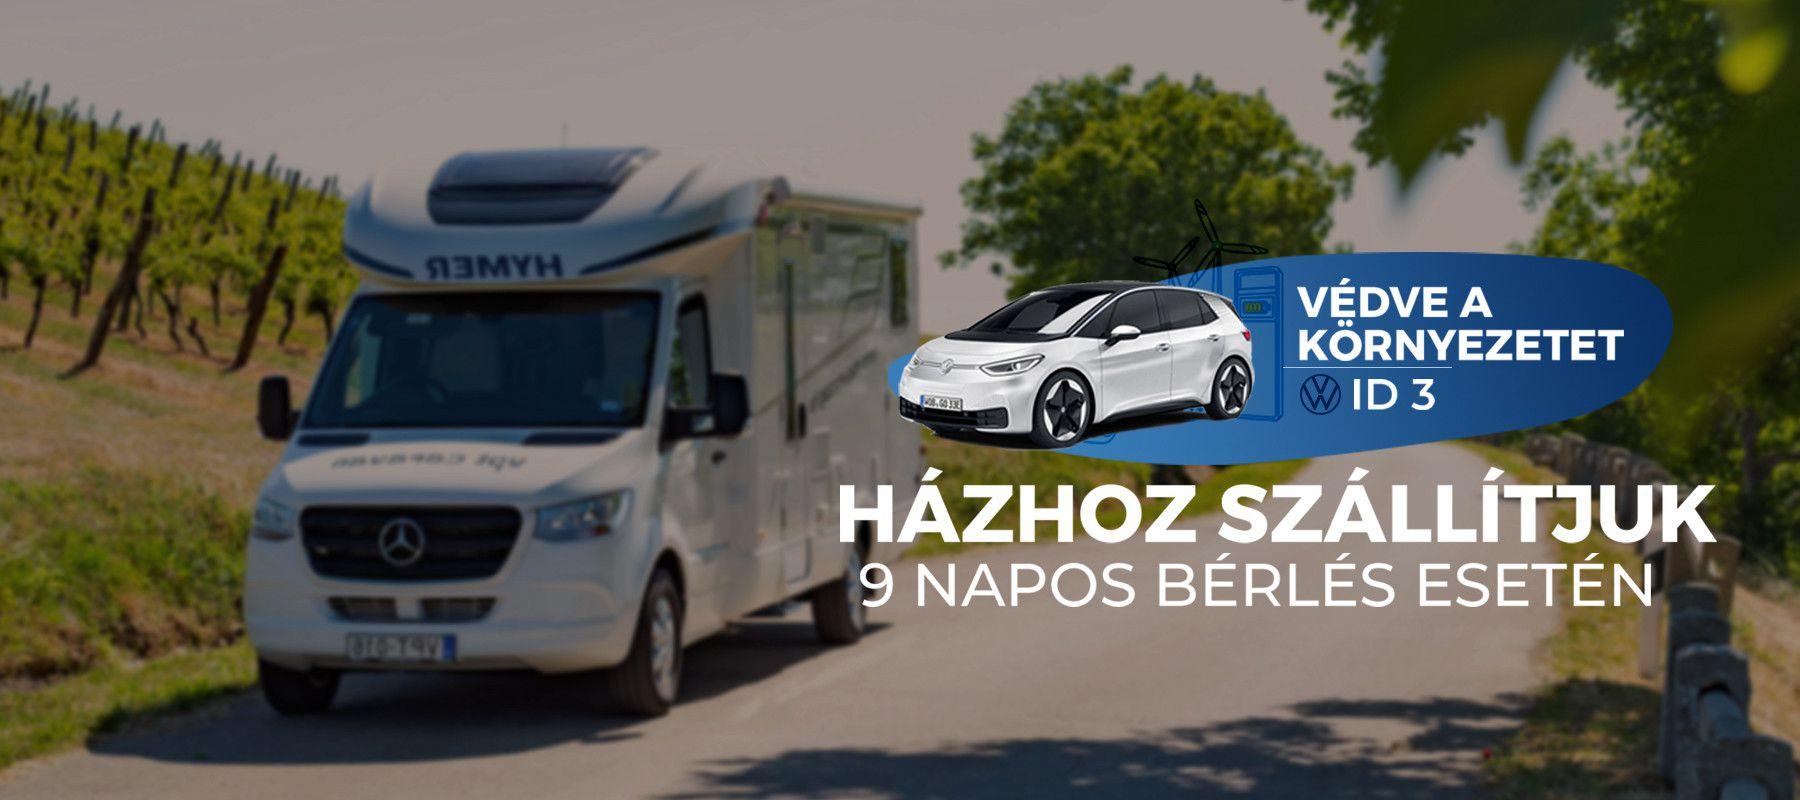 Házhozszállítás Magyarországon!